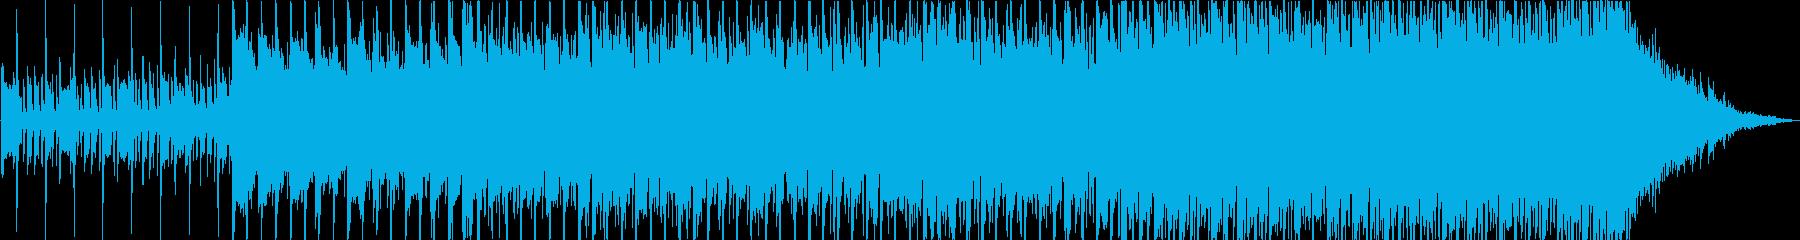 躍動するギターポップロックの再生済みの波形